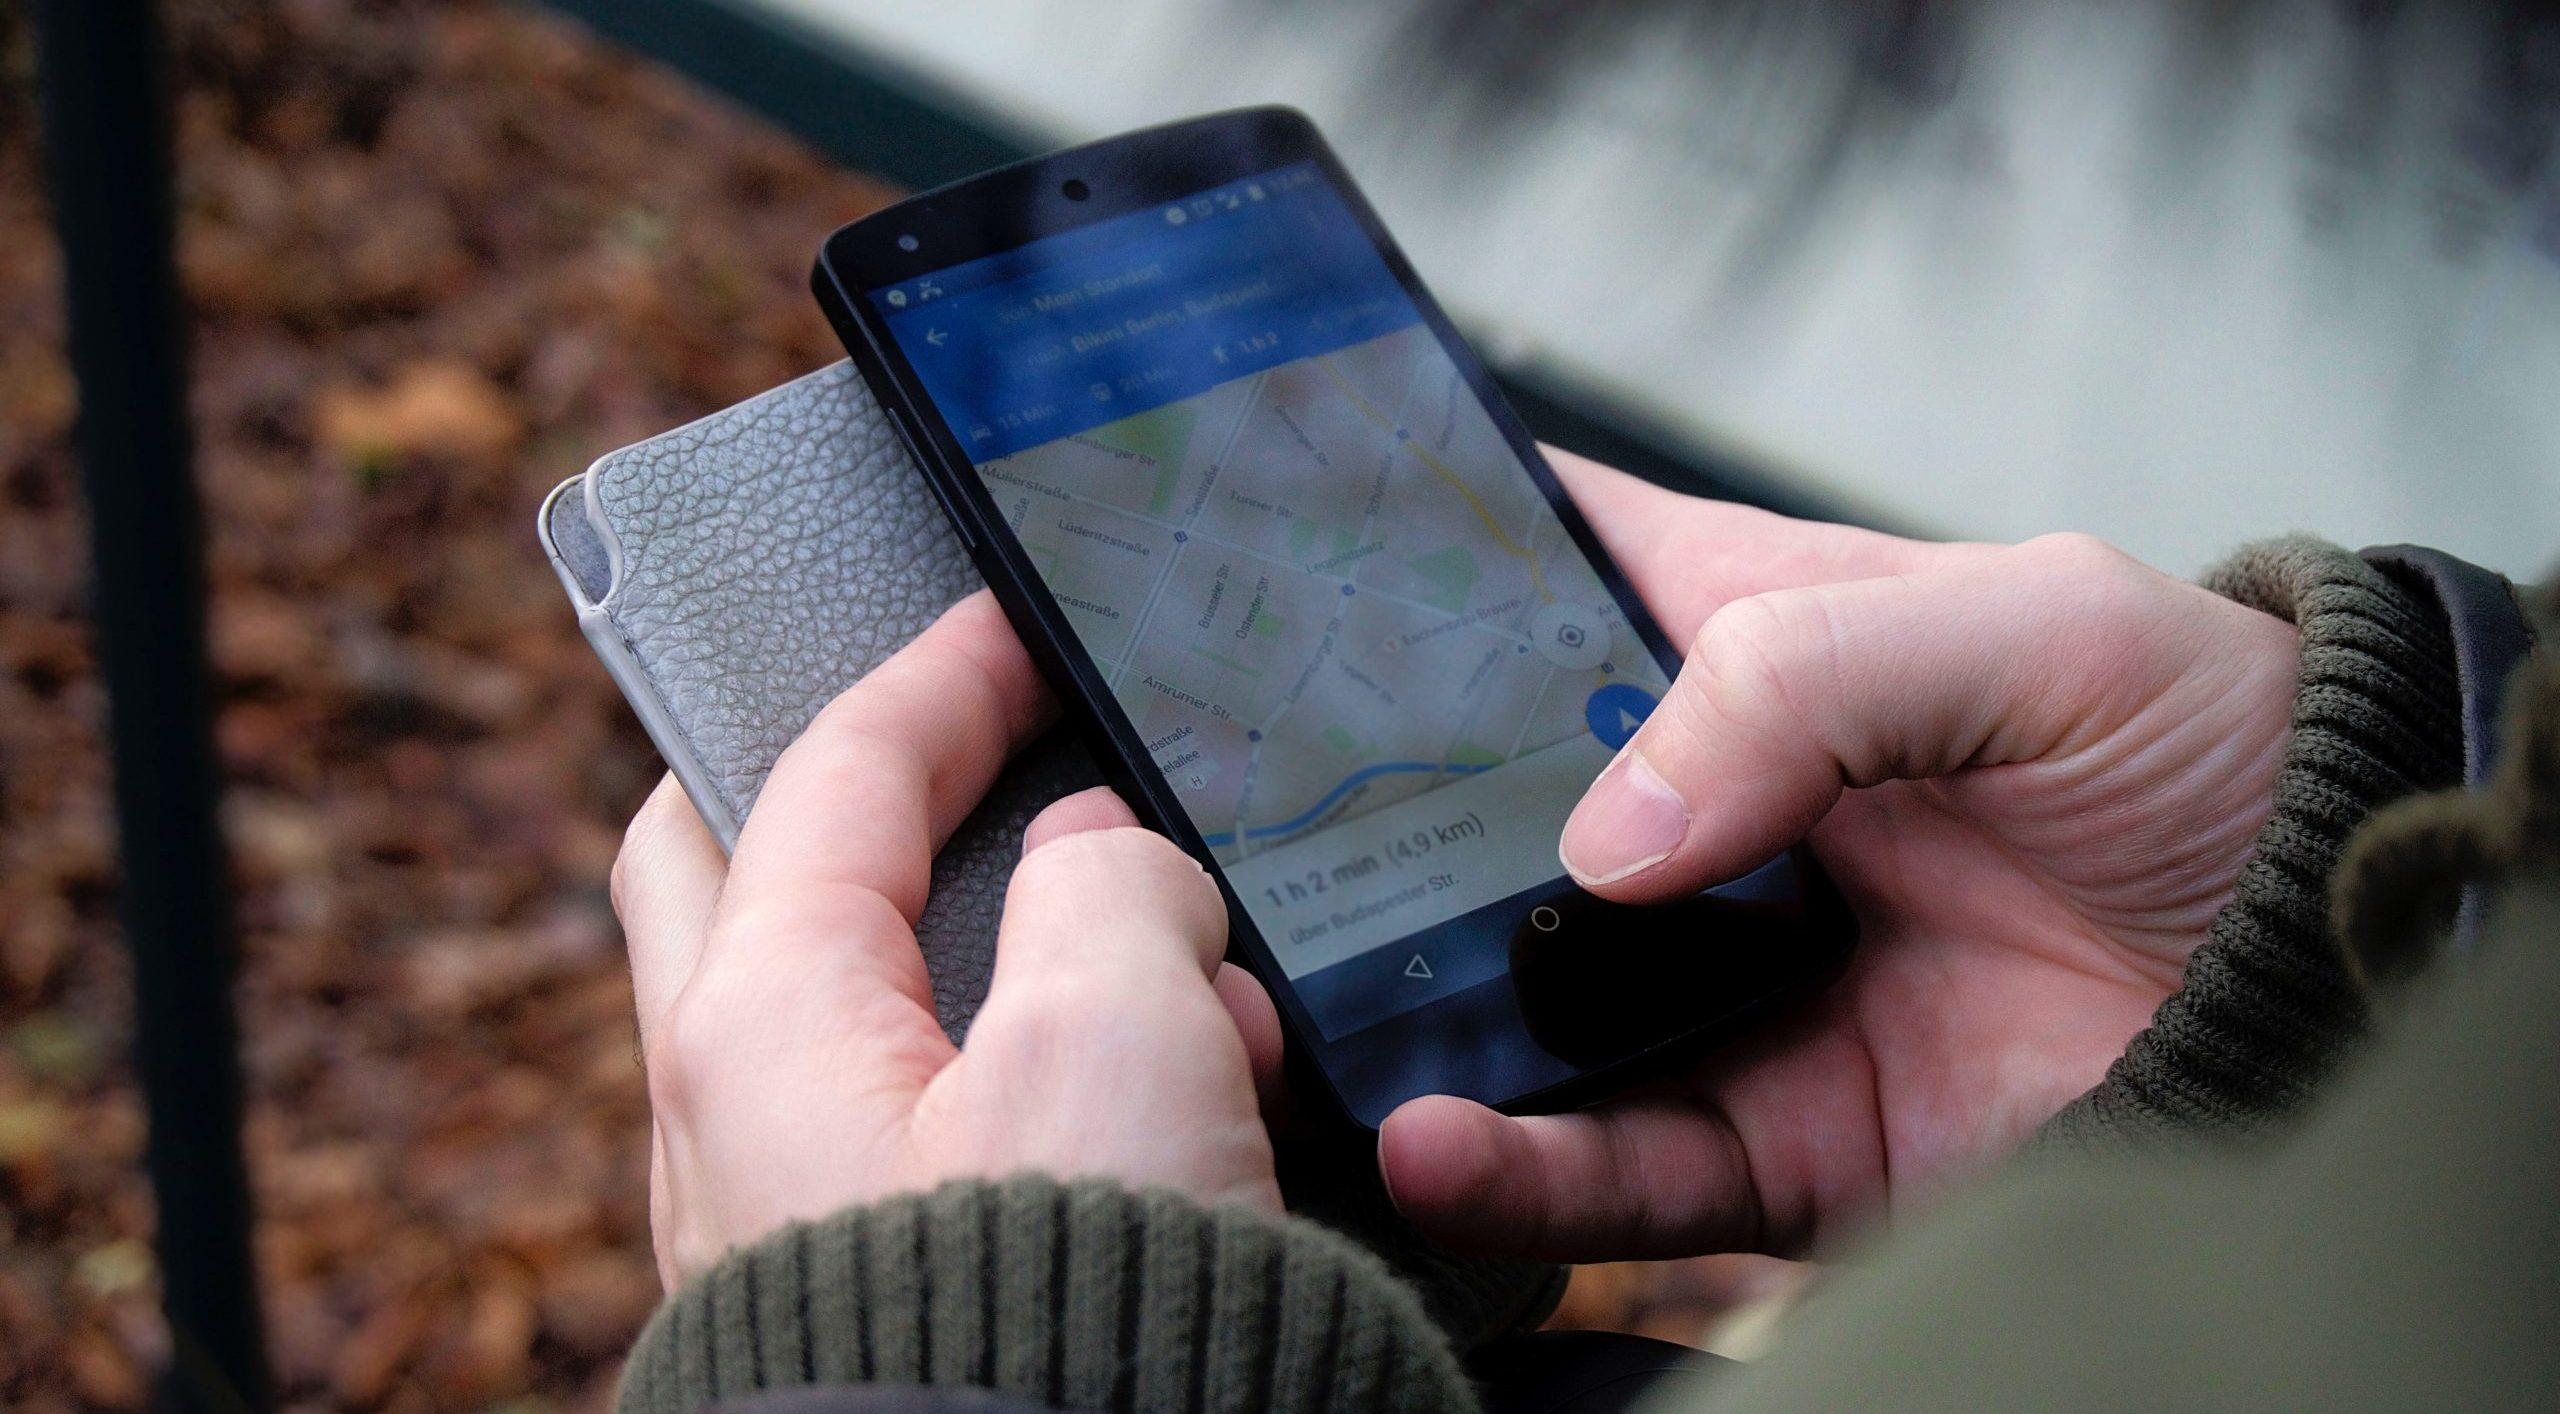 ¿Tomar Uber, bici o Metro? Esta app te dirá la mejor opción